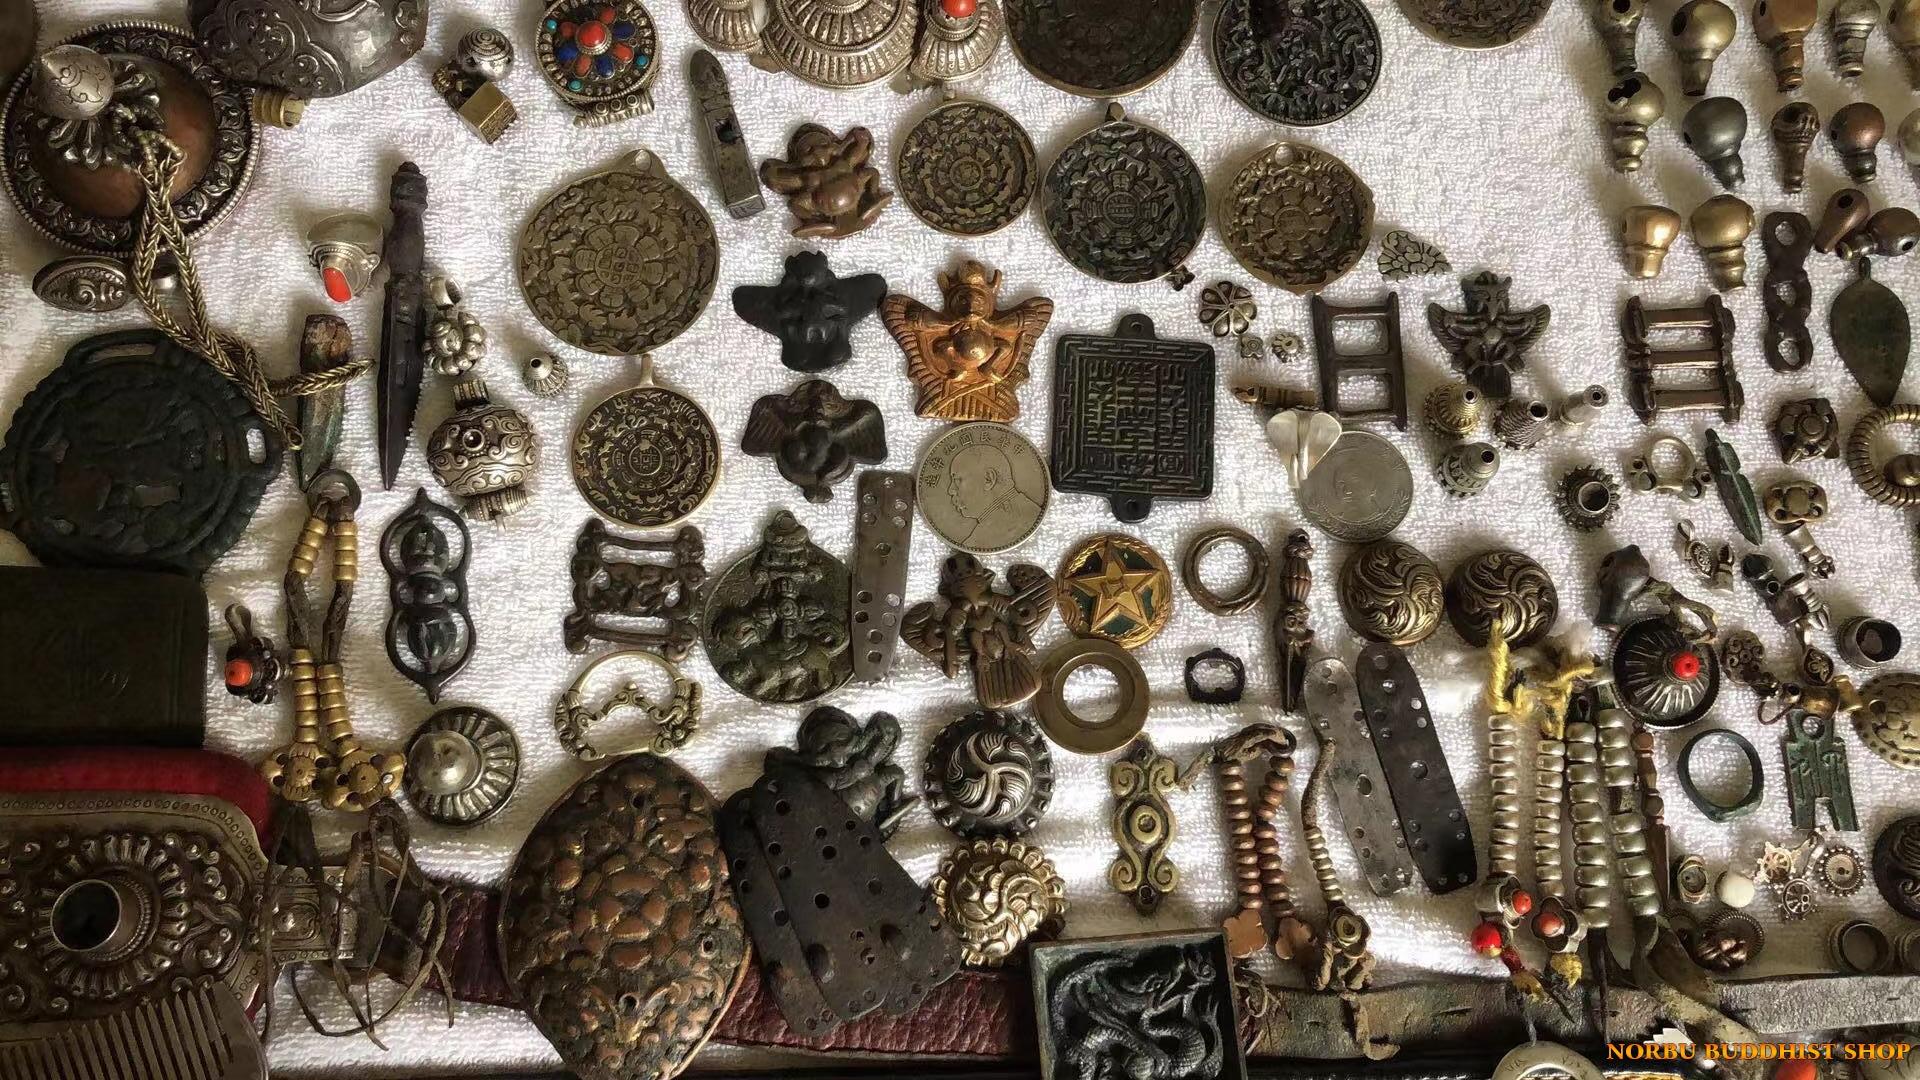 Tổng hợp các Vật phẩm Tây Tạng đáng sưu tầm chính thống từ Tibet 10